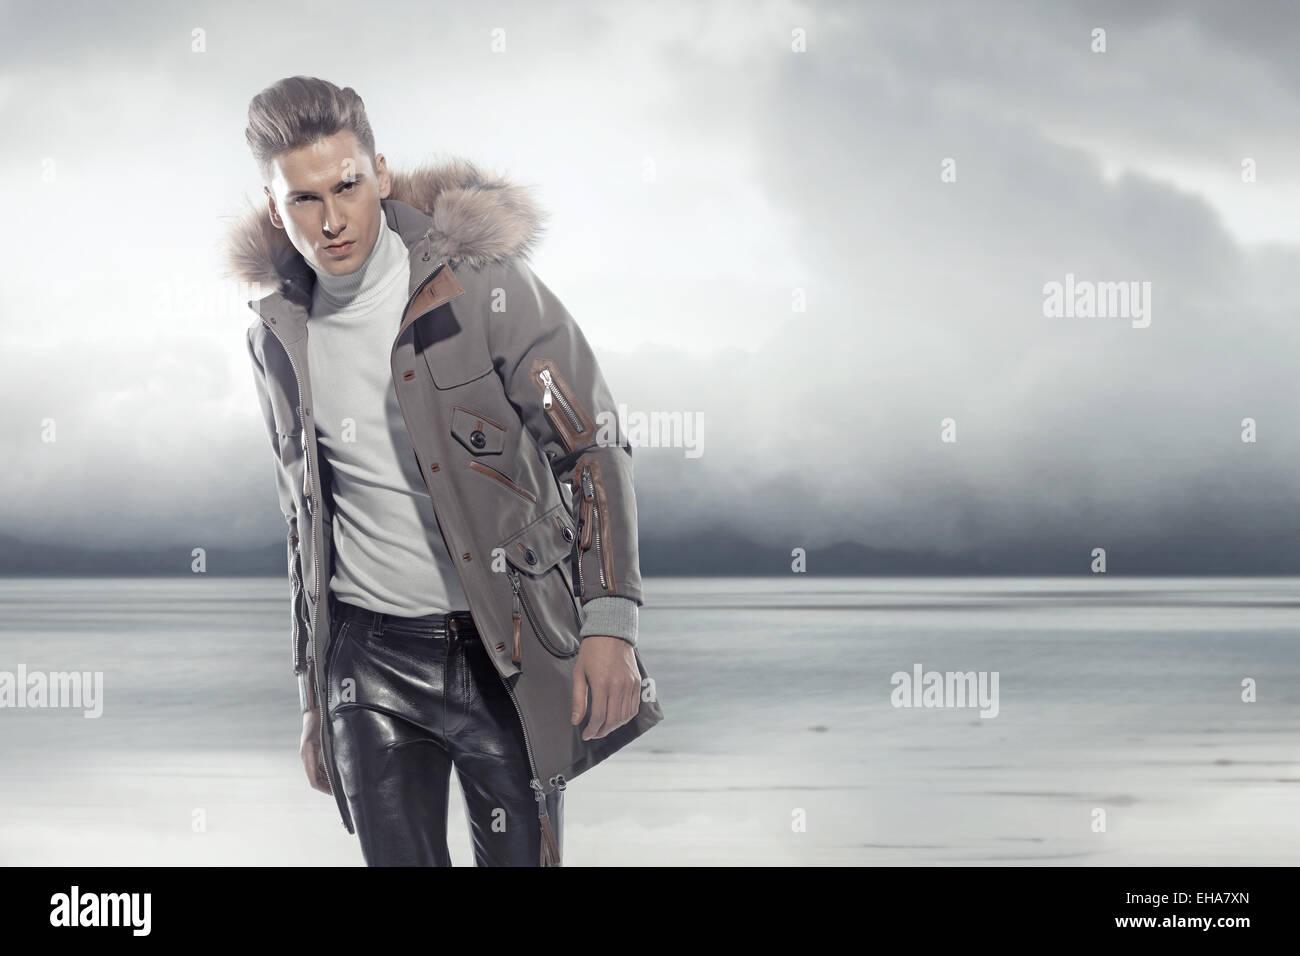 Elegante Mann zu Fuß in die eisigen winter Stockbild